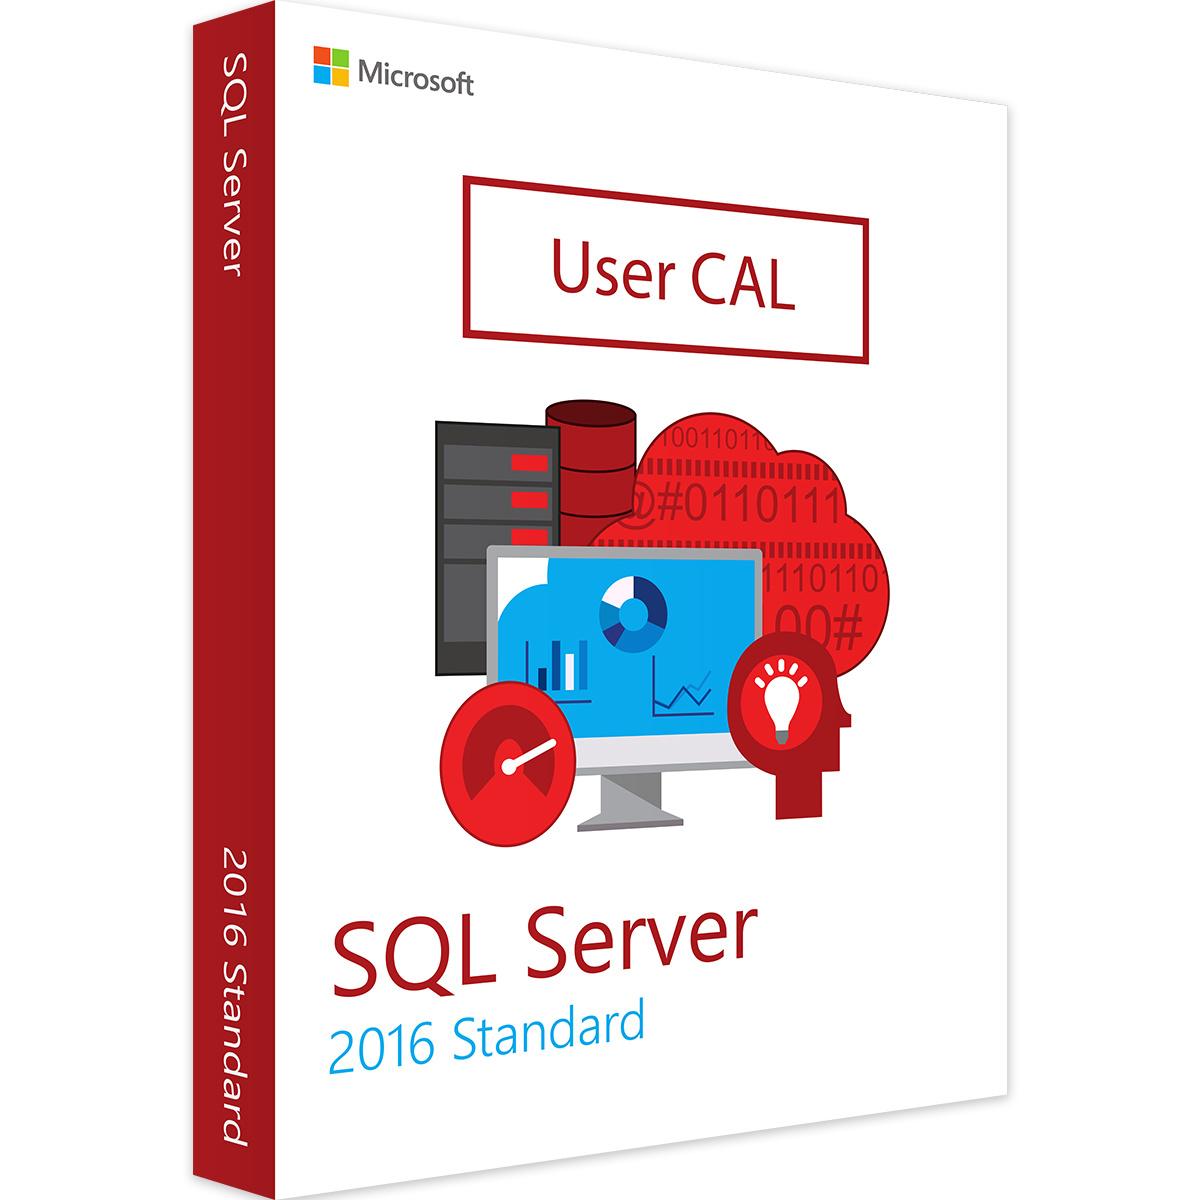 Microsoft SQL Server 2016 User CAL - MS Open License